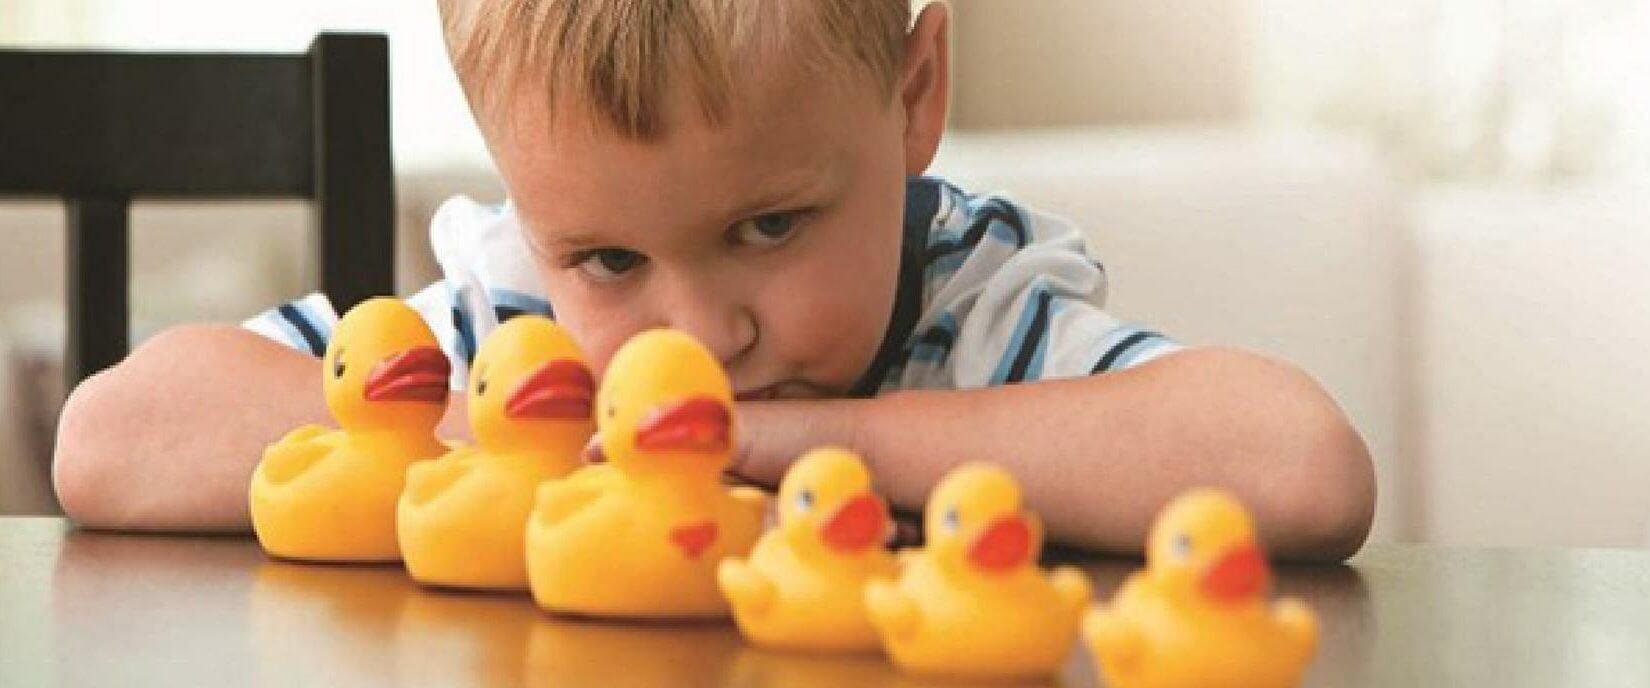 Πρώιμα σημάδια αυτισμού σε βρέφη 2-18 μηνών. - all4mama 40bc29a0ce4